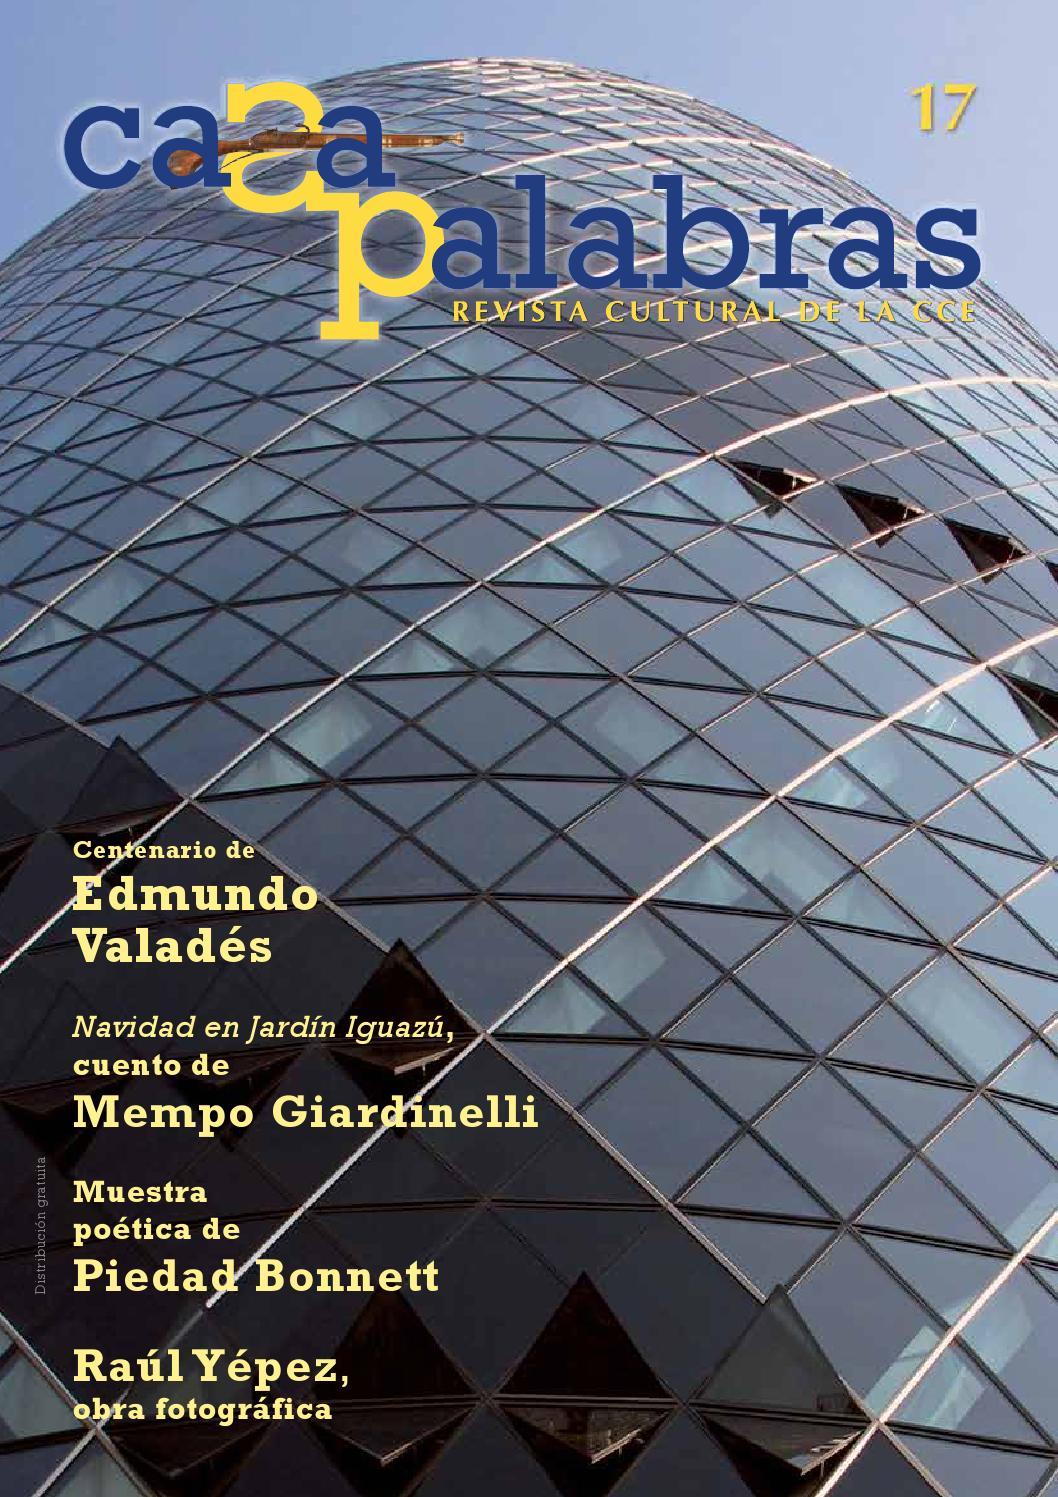 Casapalabras 17 by Librería de la Casa de la Cultura Ecuatoriana - issuu